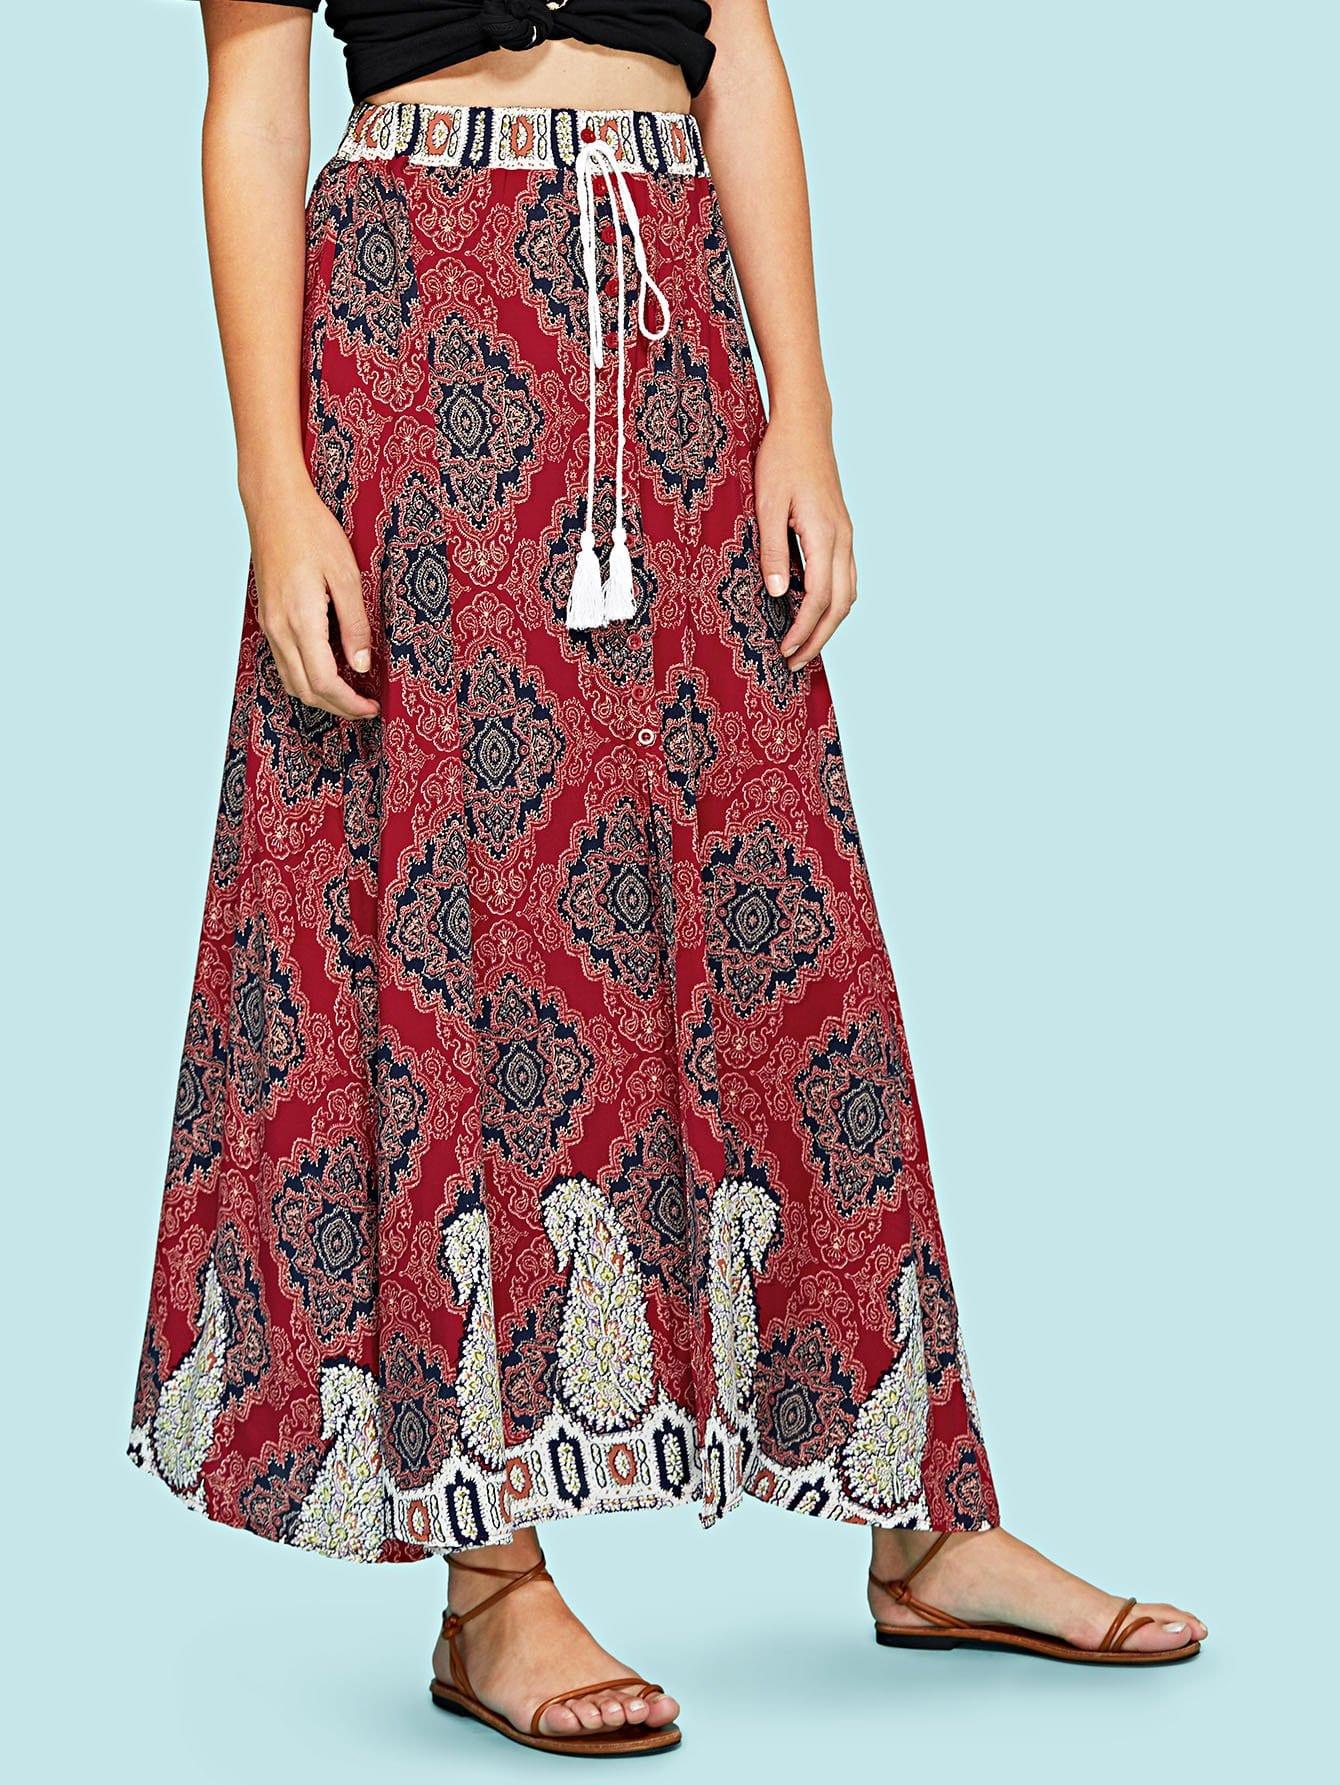 Ornate Print Drawstring Skirt